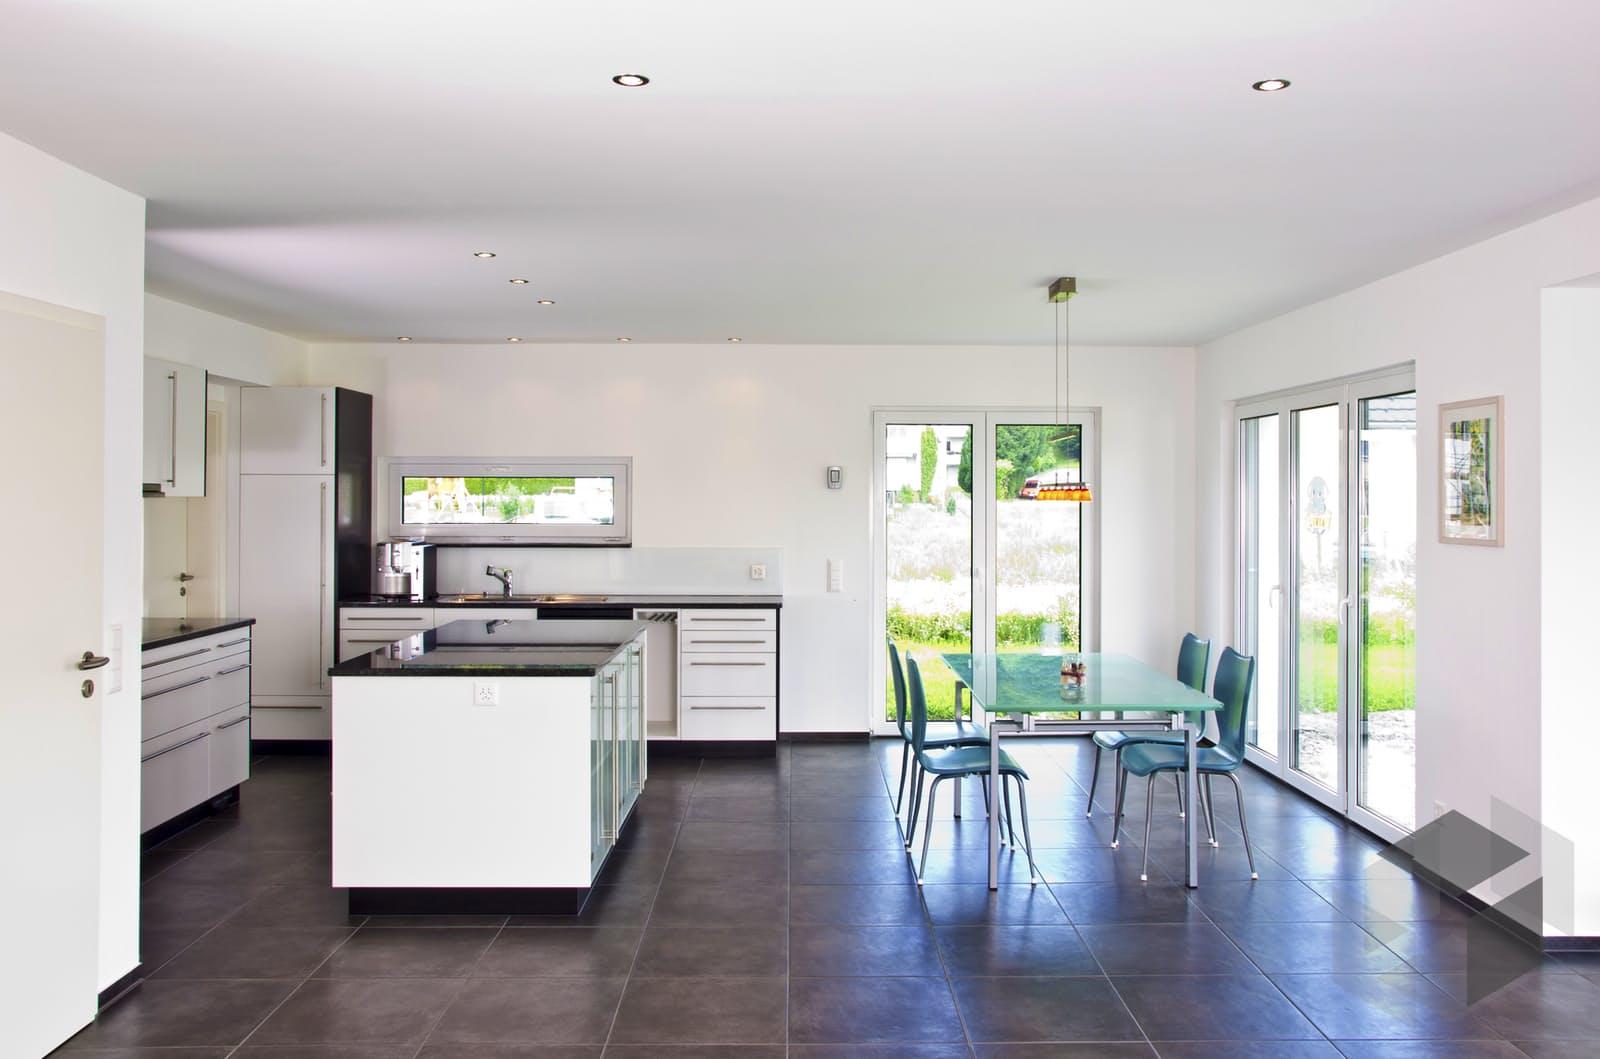 studer inactive von fertighaus weiss komplette daten bersicht. Black Bedroom Furniture Sets. Home Design Ideas